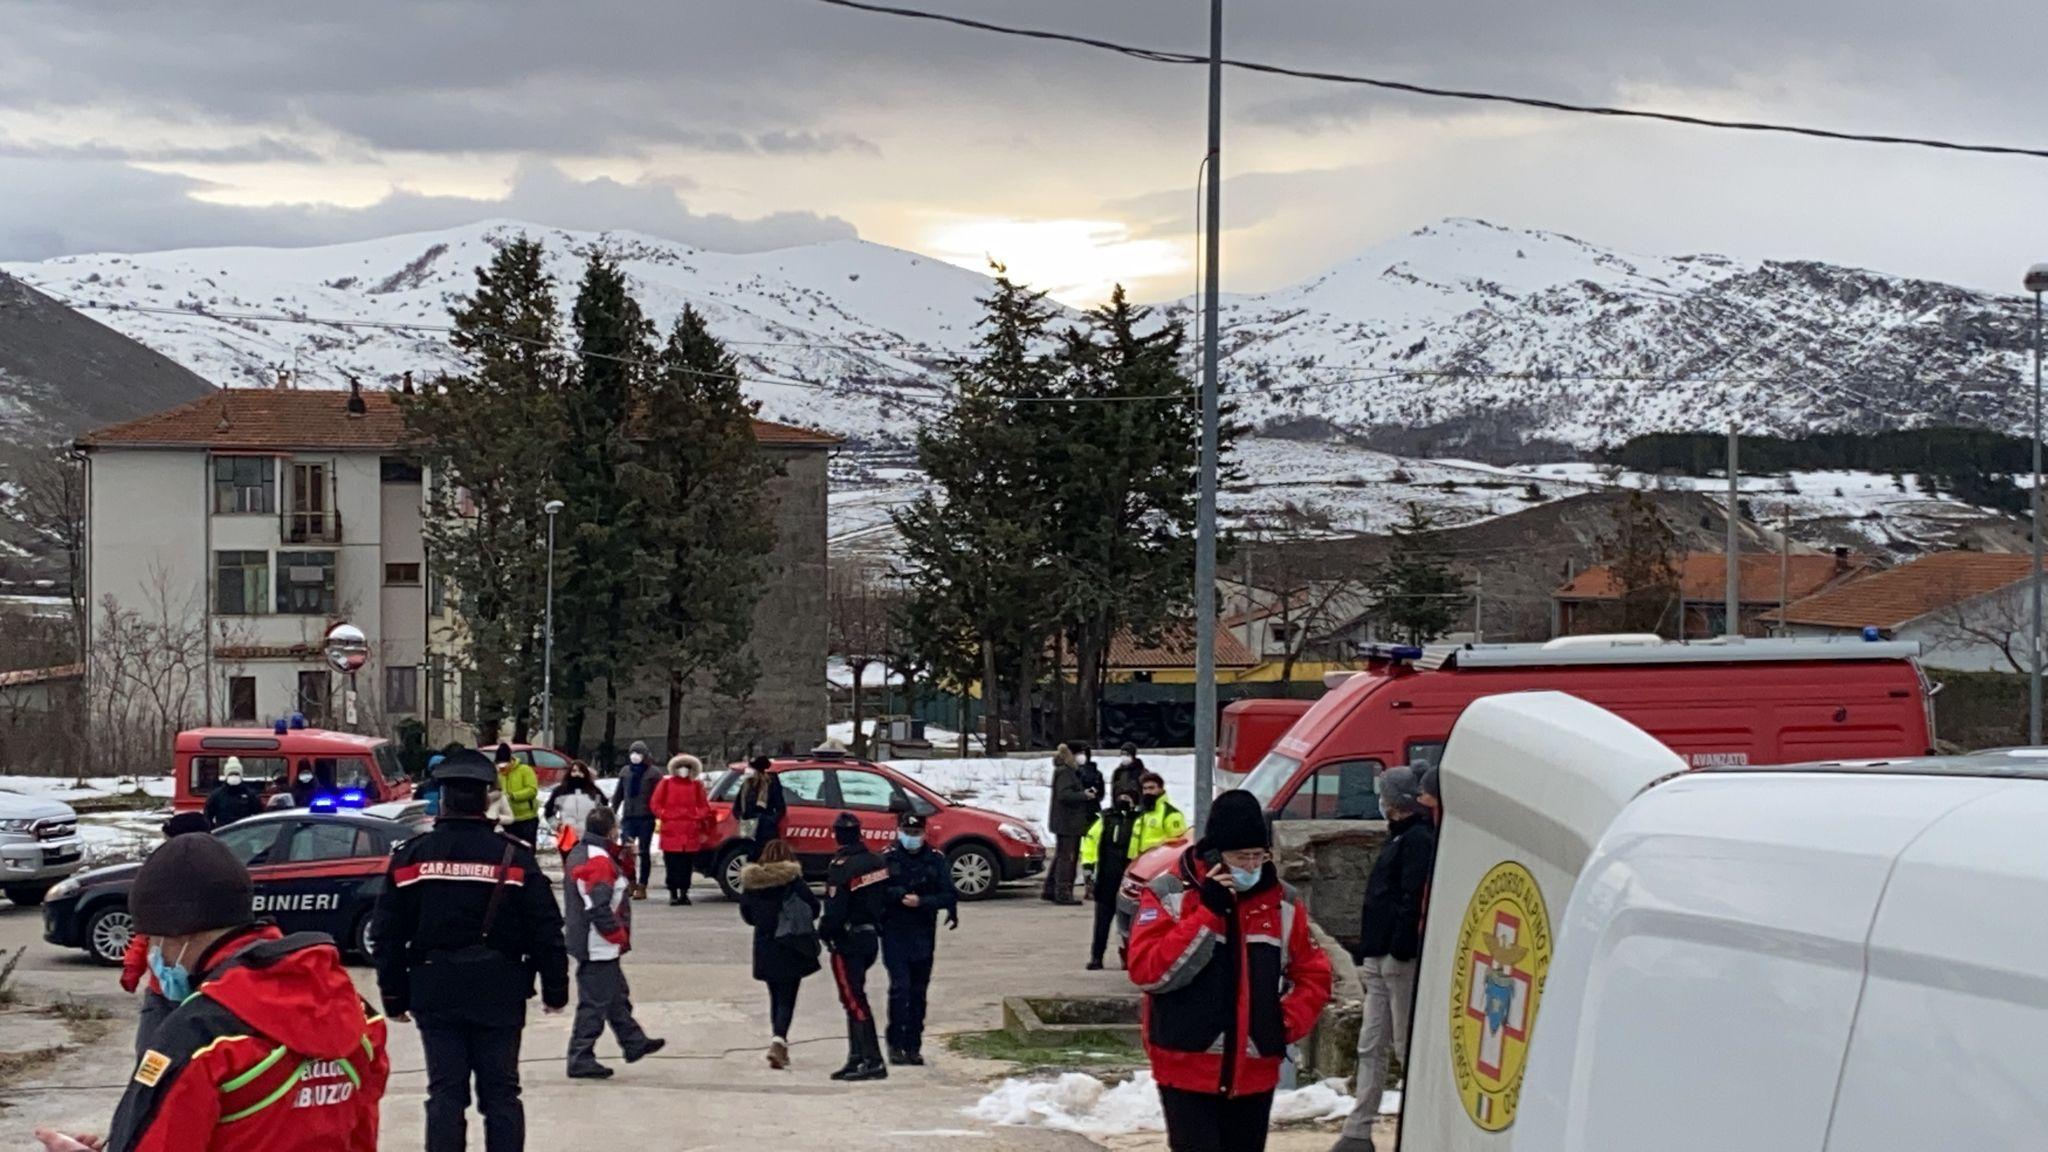 Dispersi sul Monte Velino, il Comune di Massa d'Albe mette a disposizione i locali della Pro Loco per offrire assistenza e ristoro ai parenti e agli amici degli escursionisti